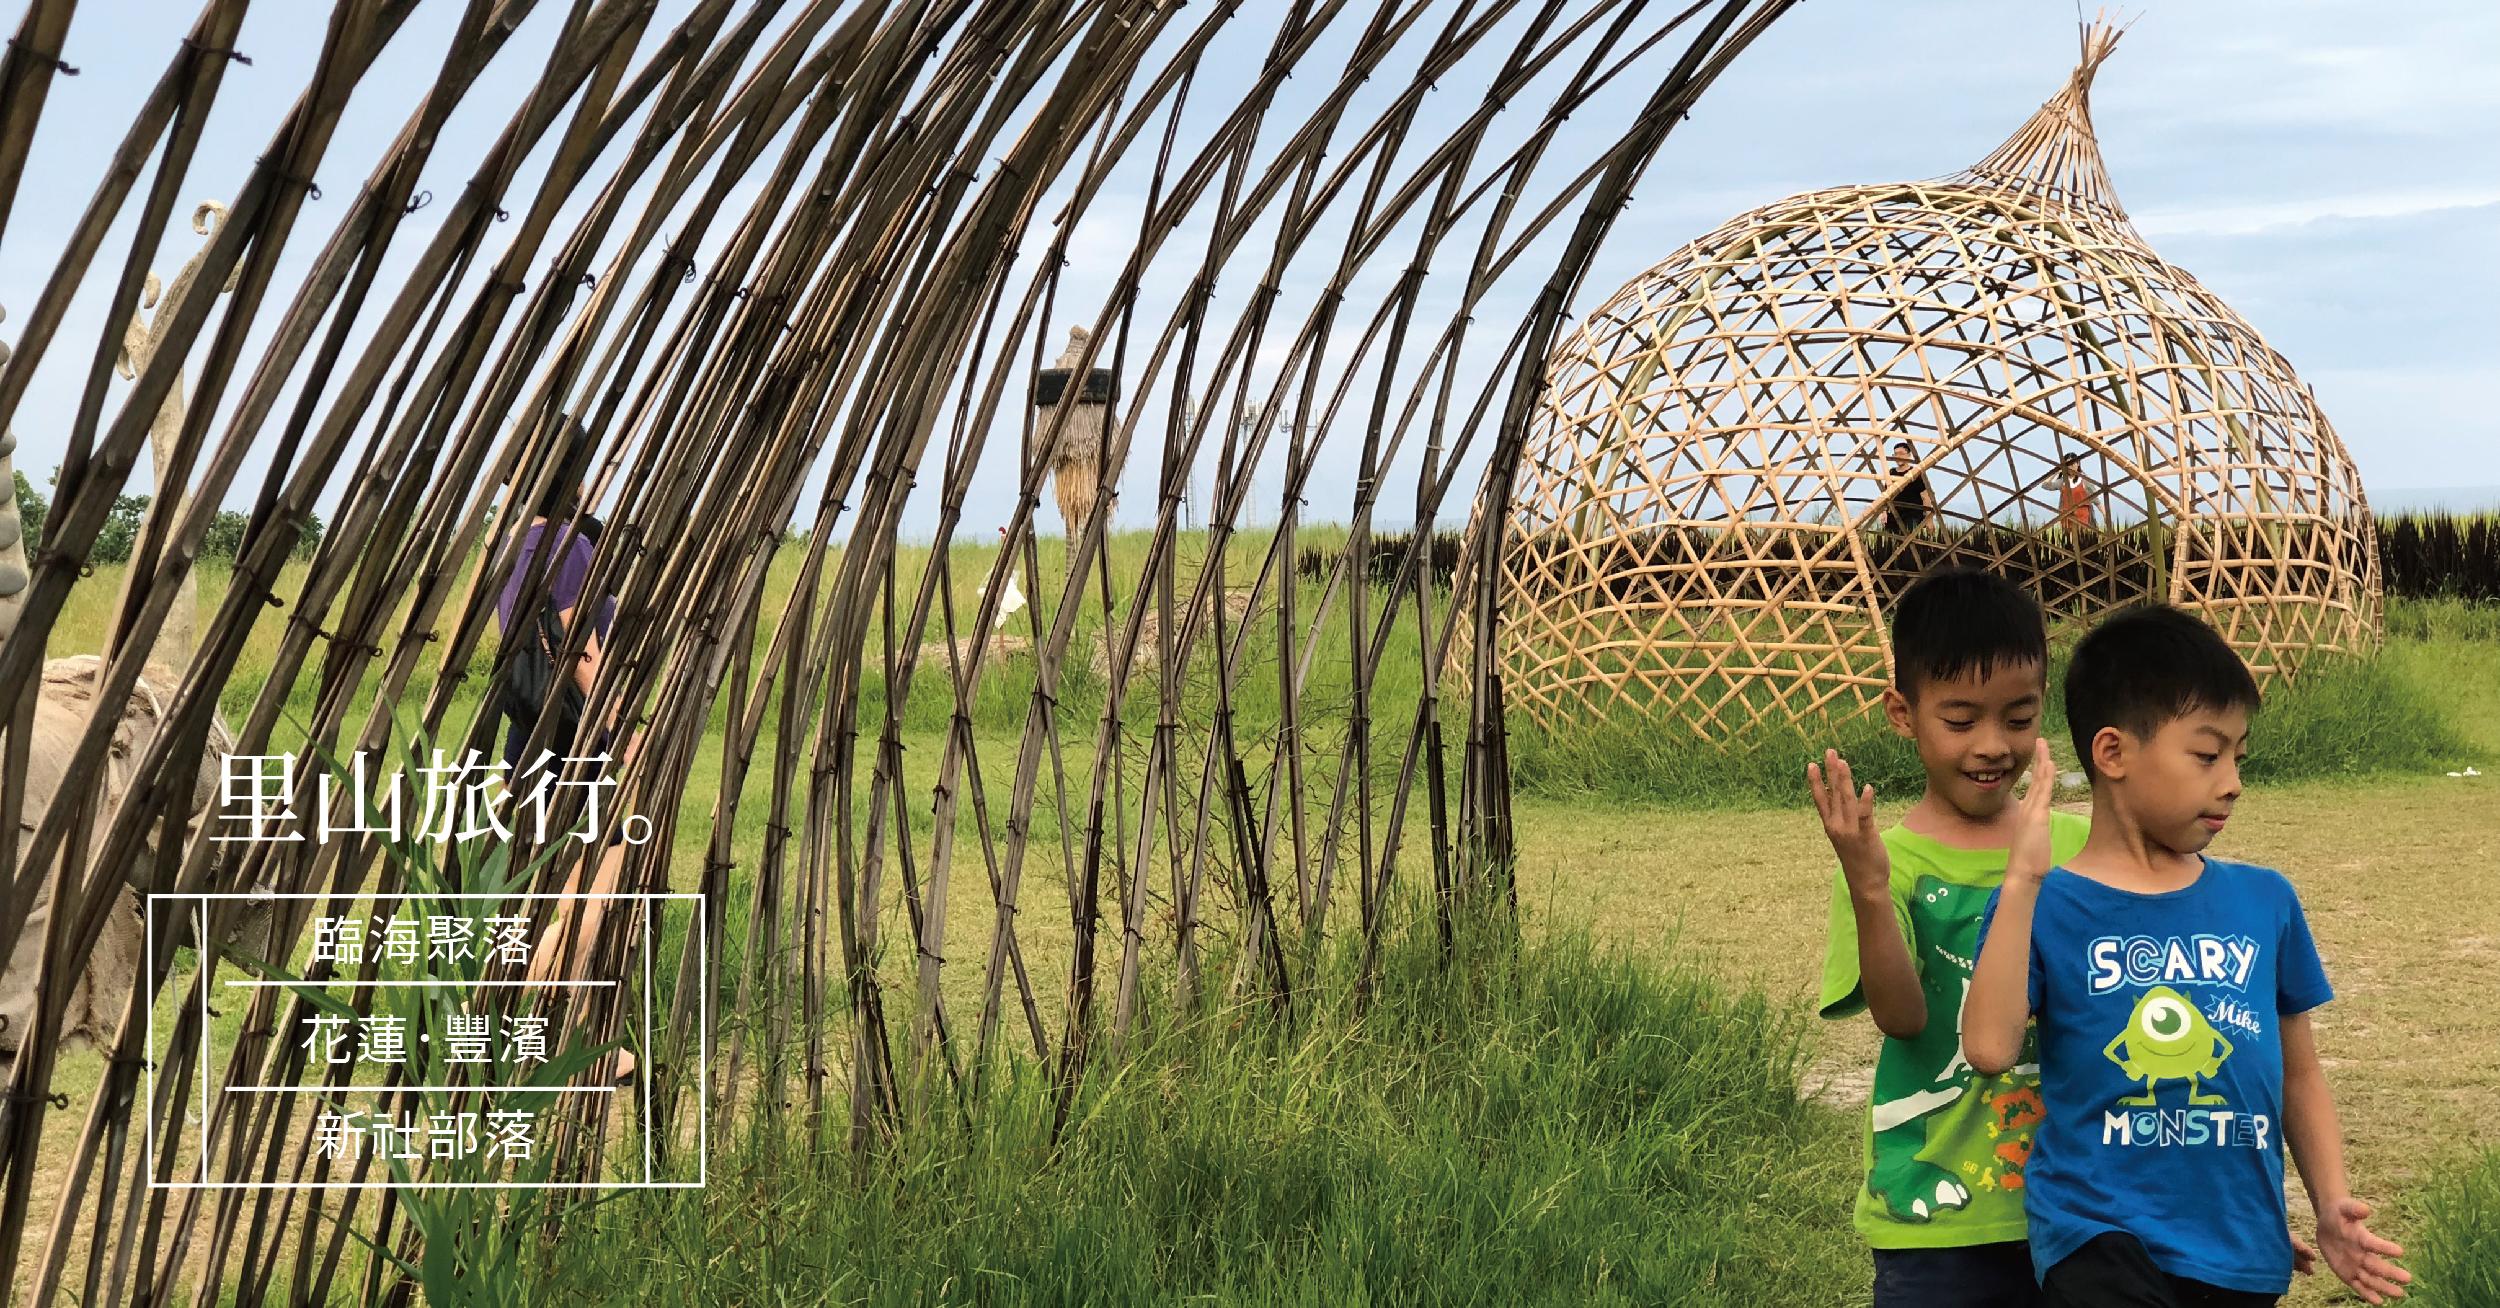 【里山旅行.花蓮豐濱】新社部落:噶瑪蘭族文化基地,慢慢來的生活哲學